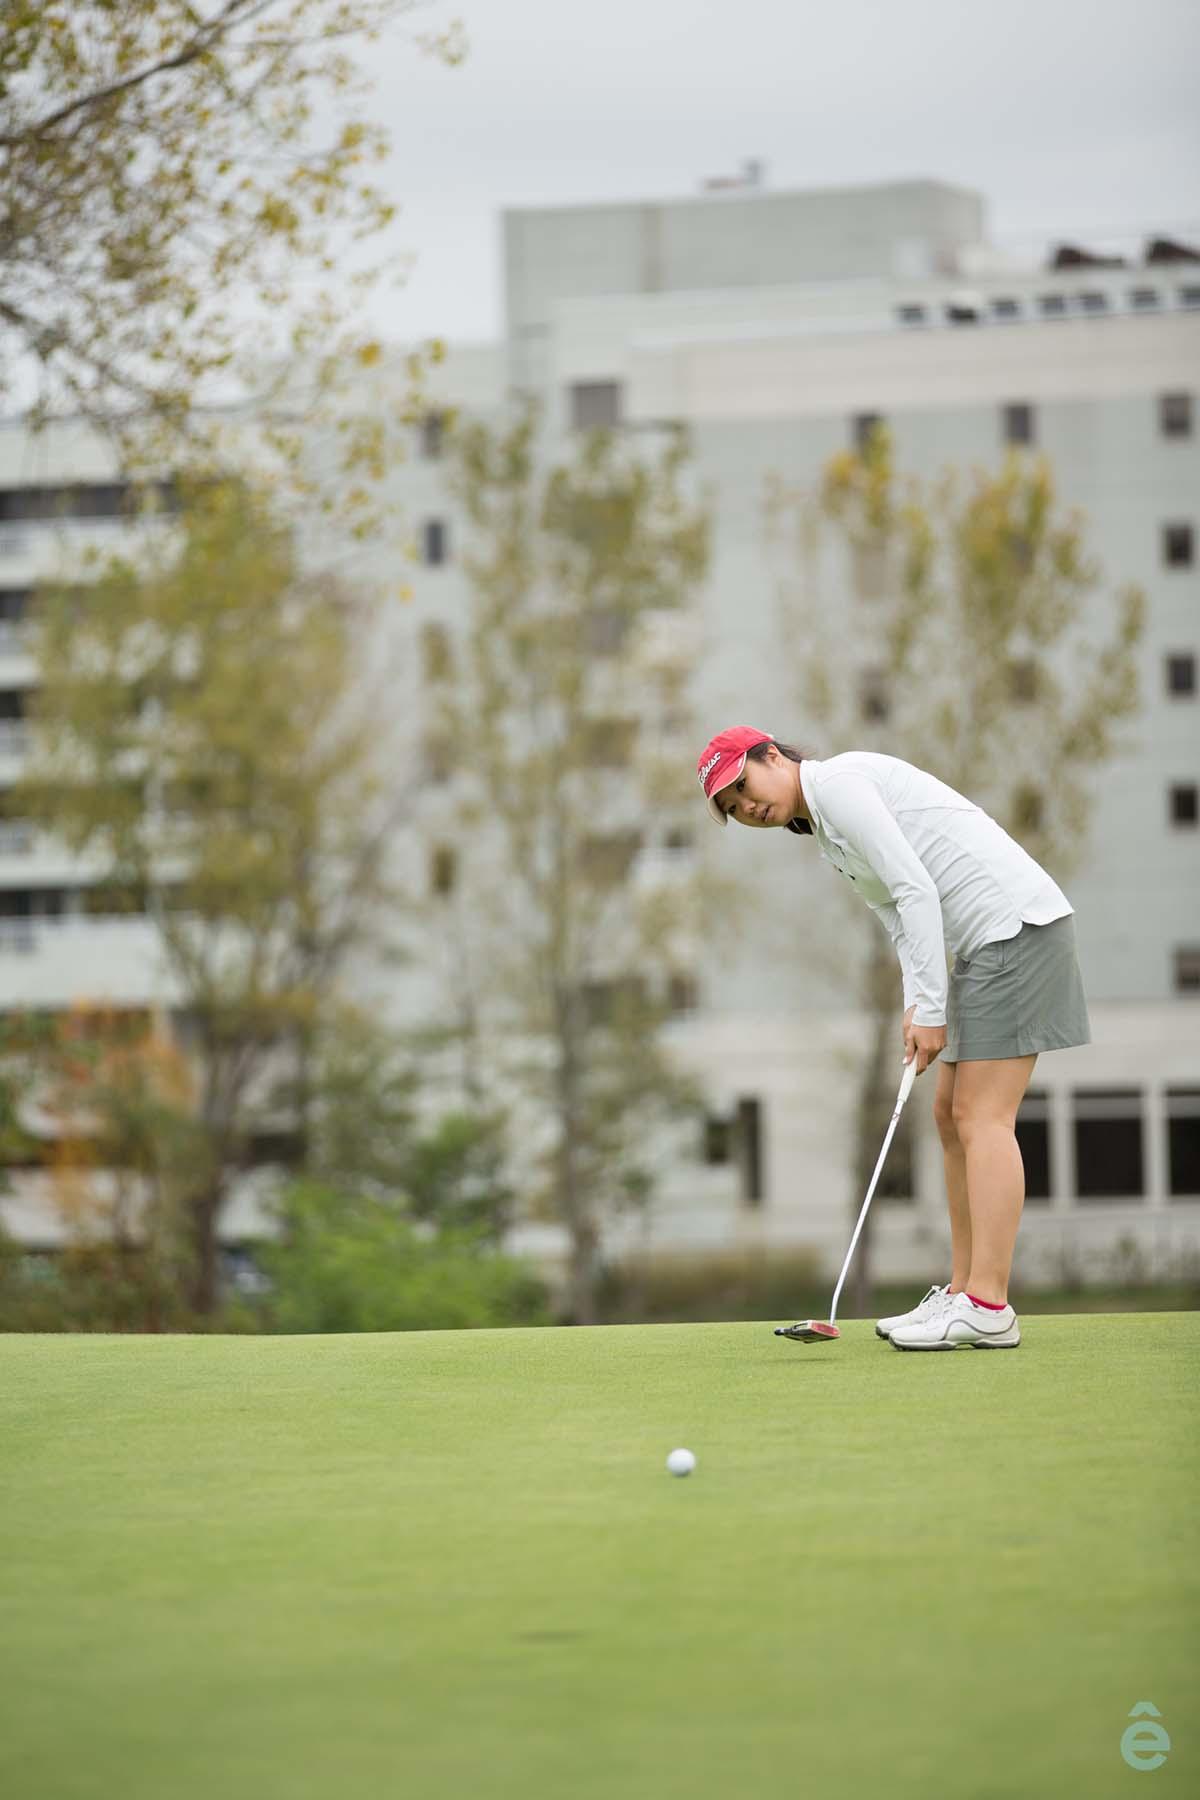 KAYF_GolfOuting_708.jpg